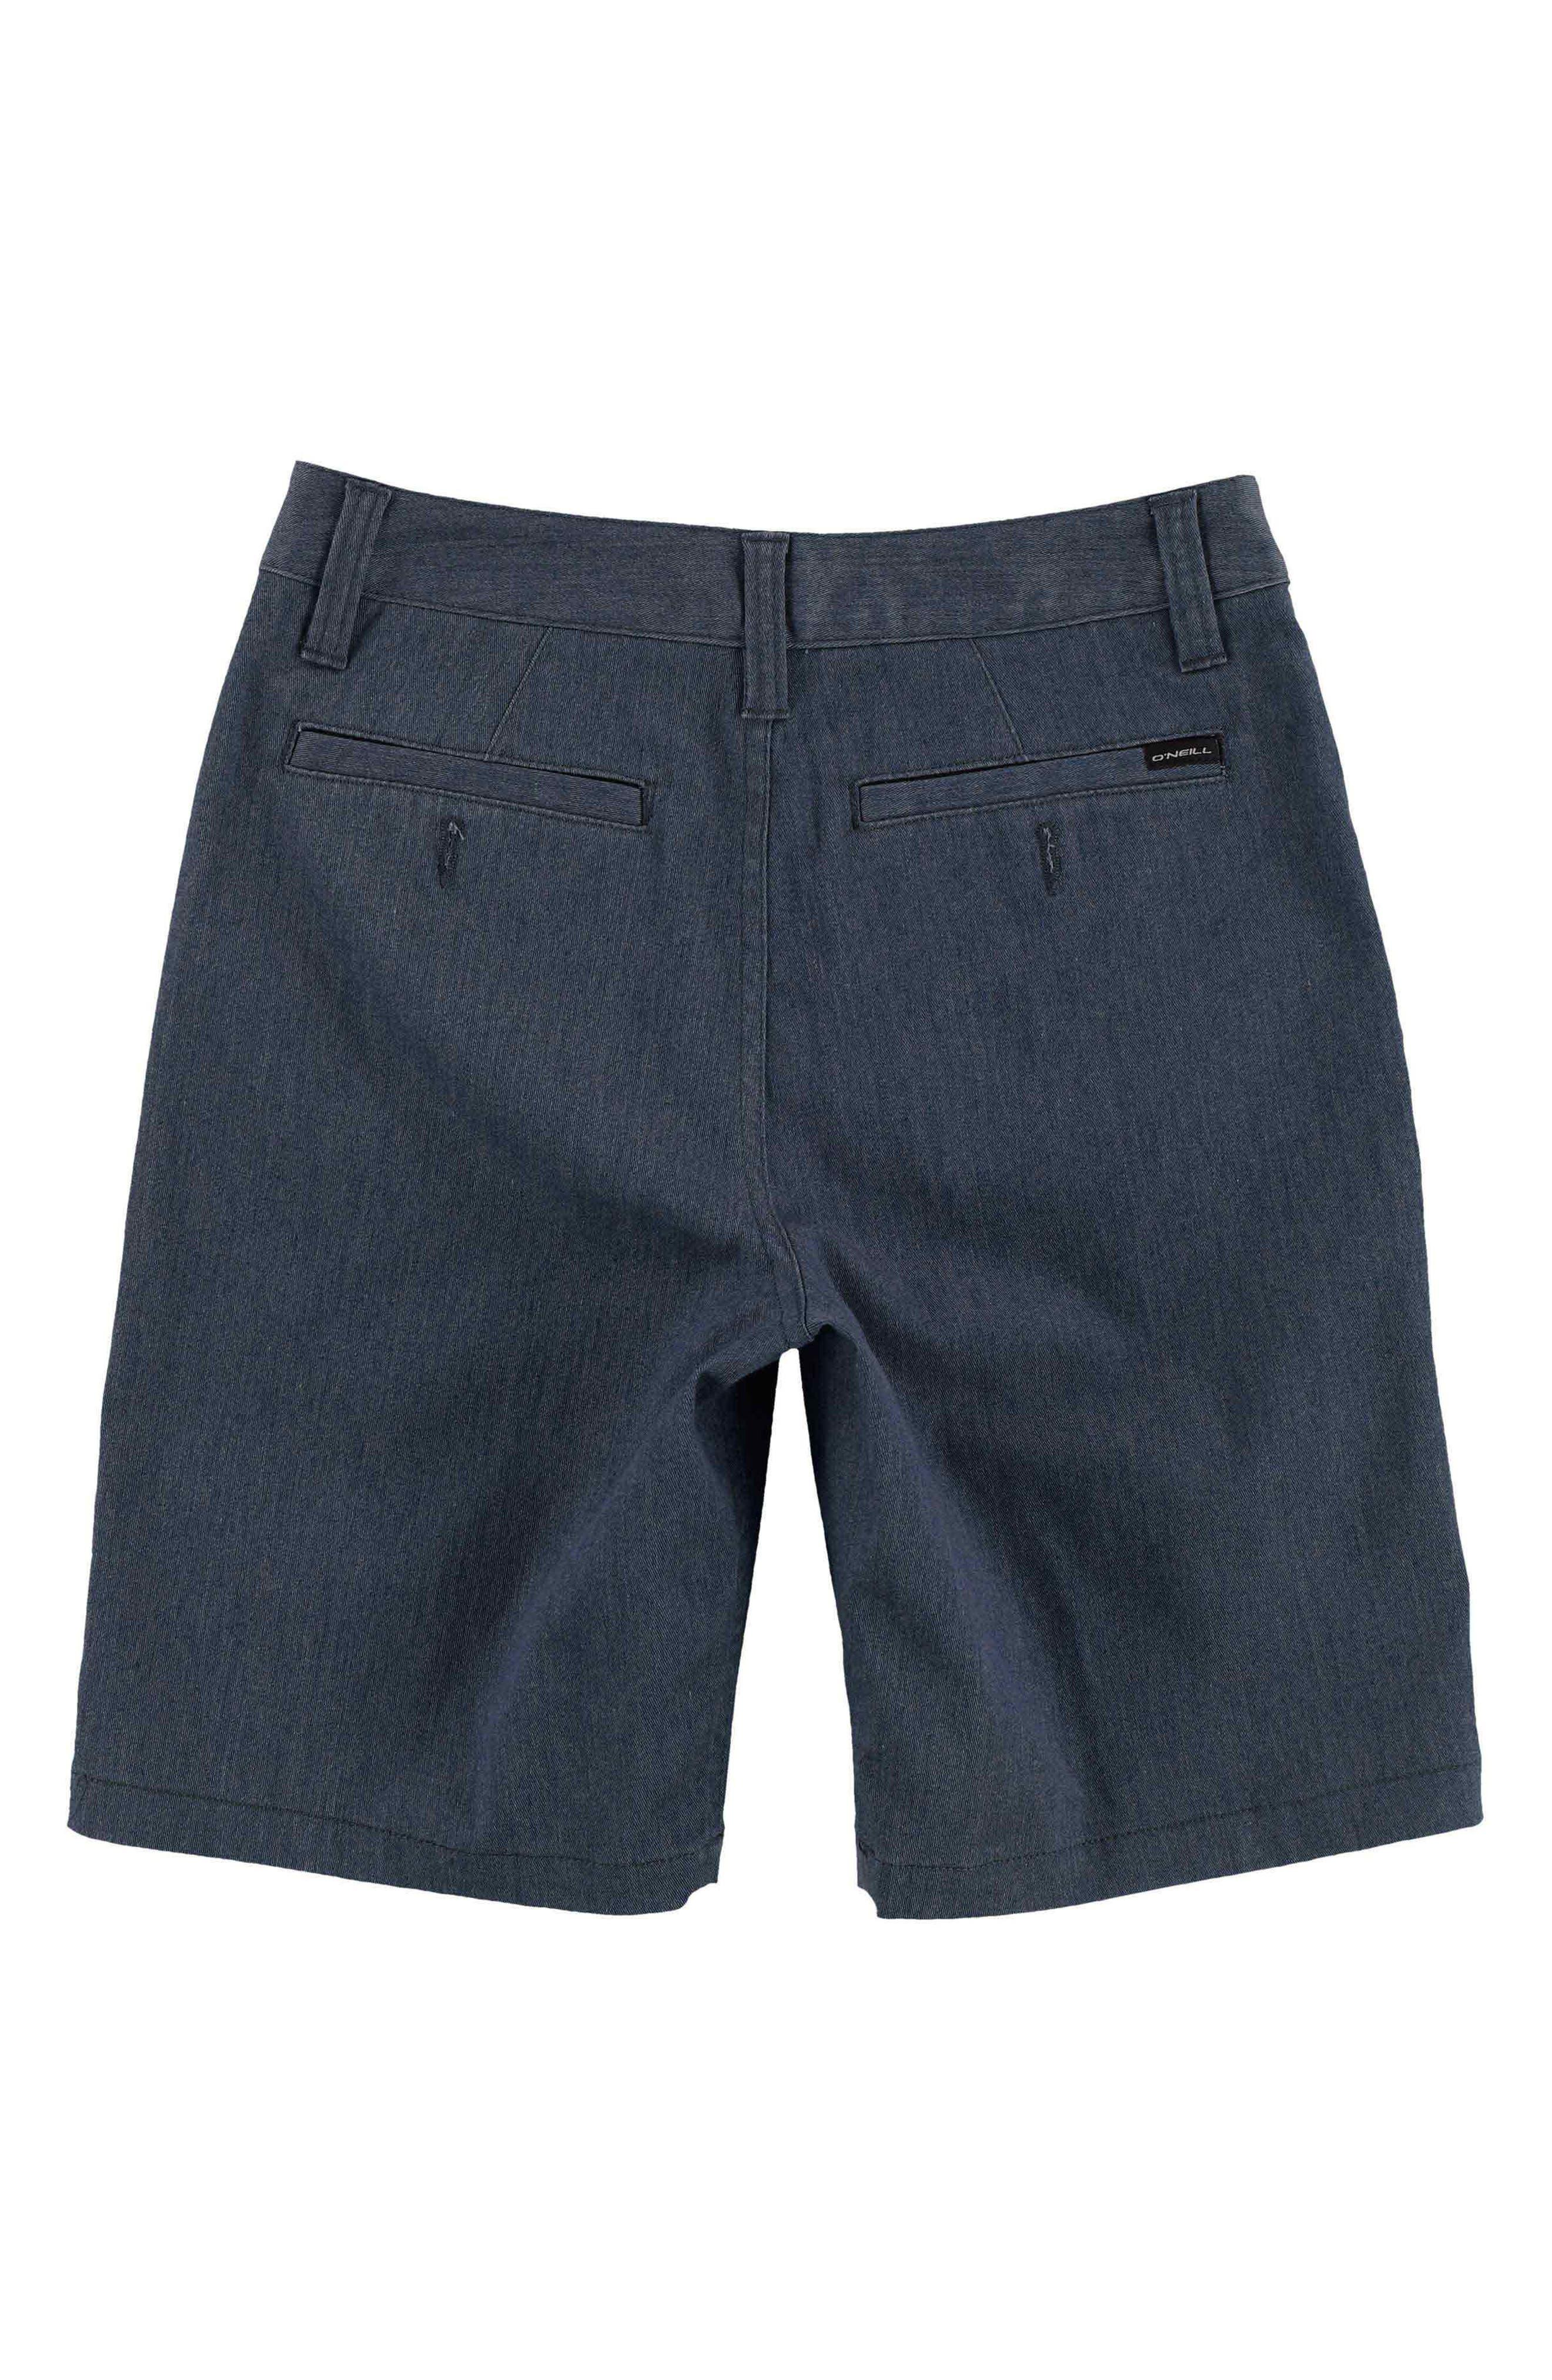 Contact Stretch Shorts,                             Main thumbnail 1, color,                             NAVY